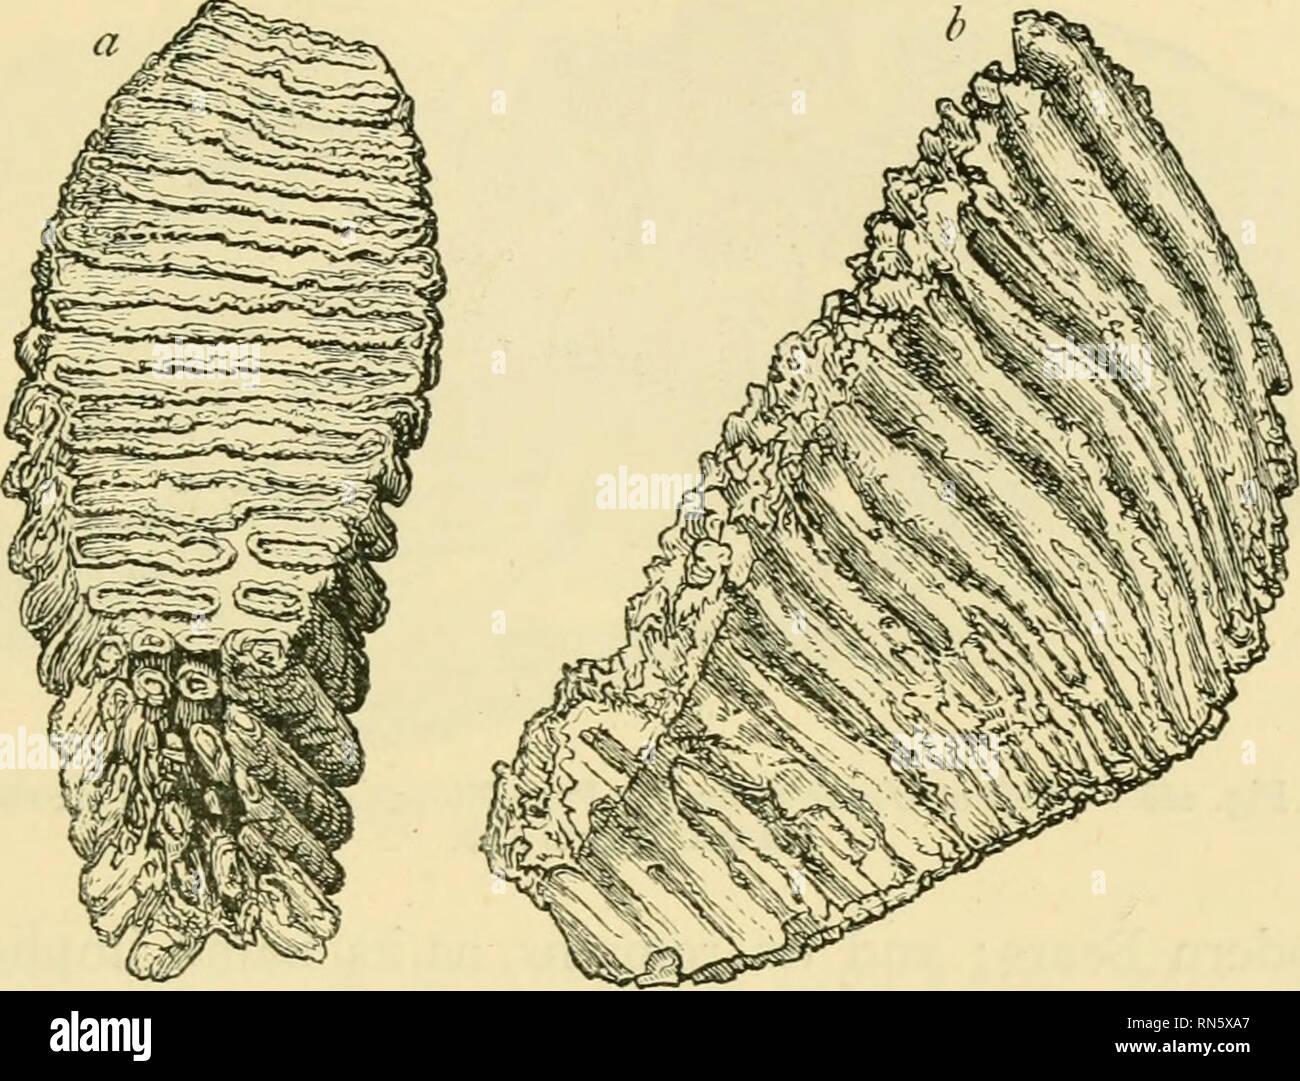 Analogie der Methoden zur Datierung von Gesteinen und Fossilien, die von Paläontologen verwendet werden